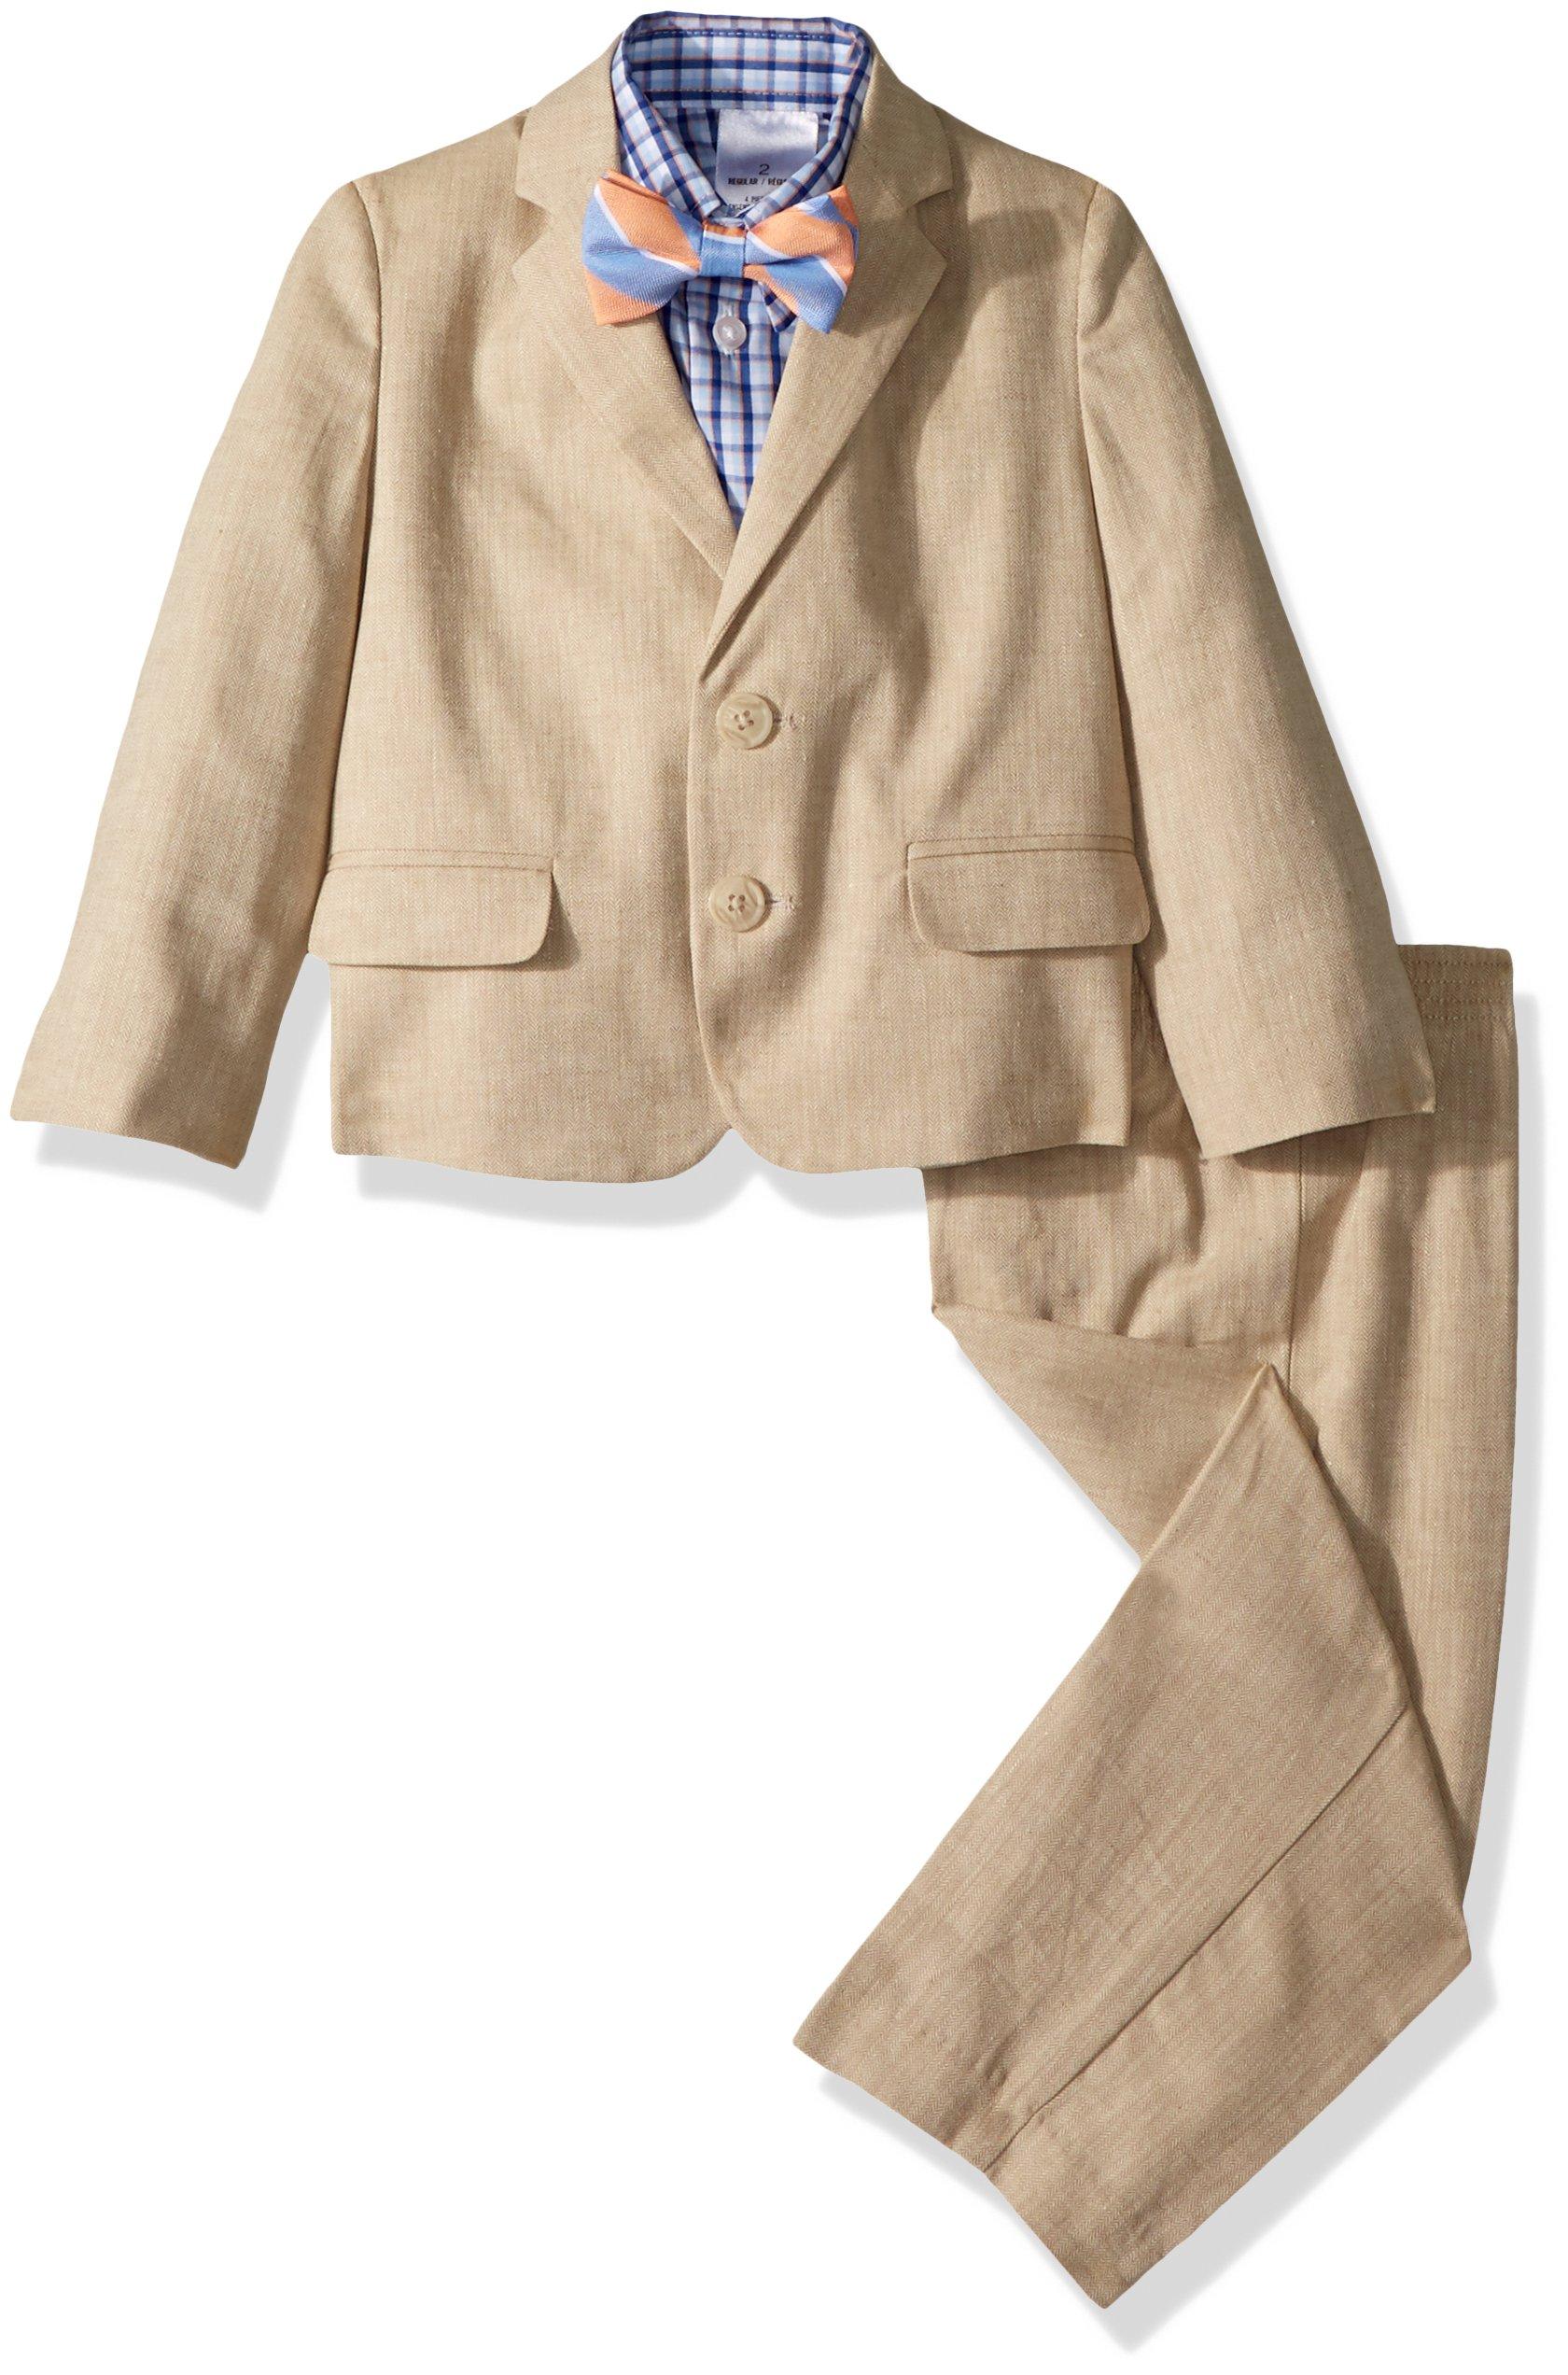 Nautica Little Boys' Suit Set with Jacket, Pant, Shirt, and Tie, Light Khaki Linen, 6